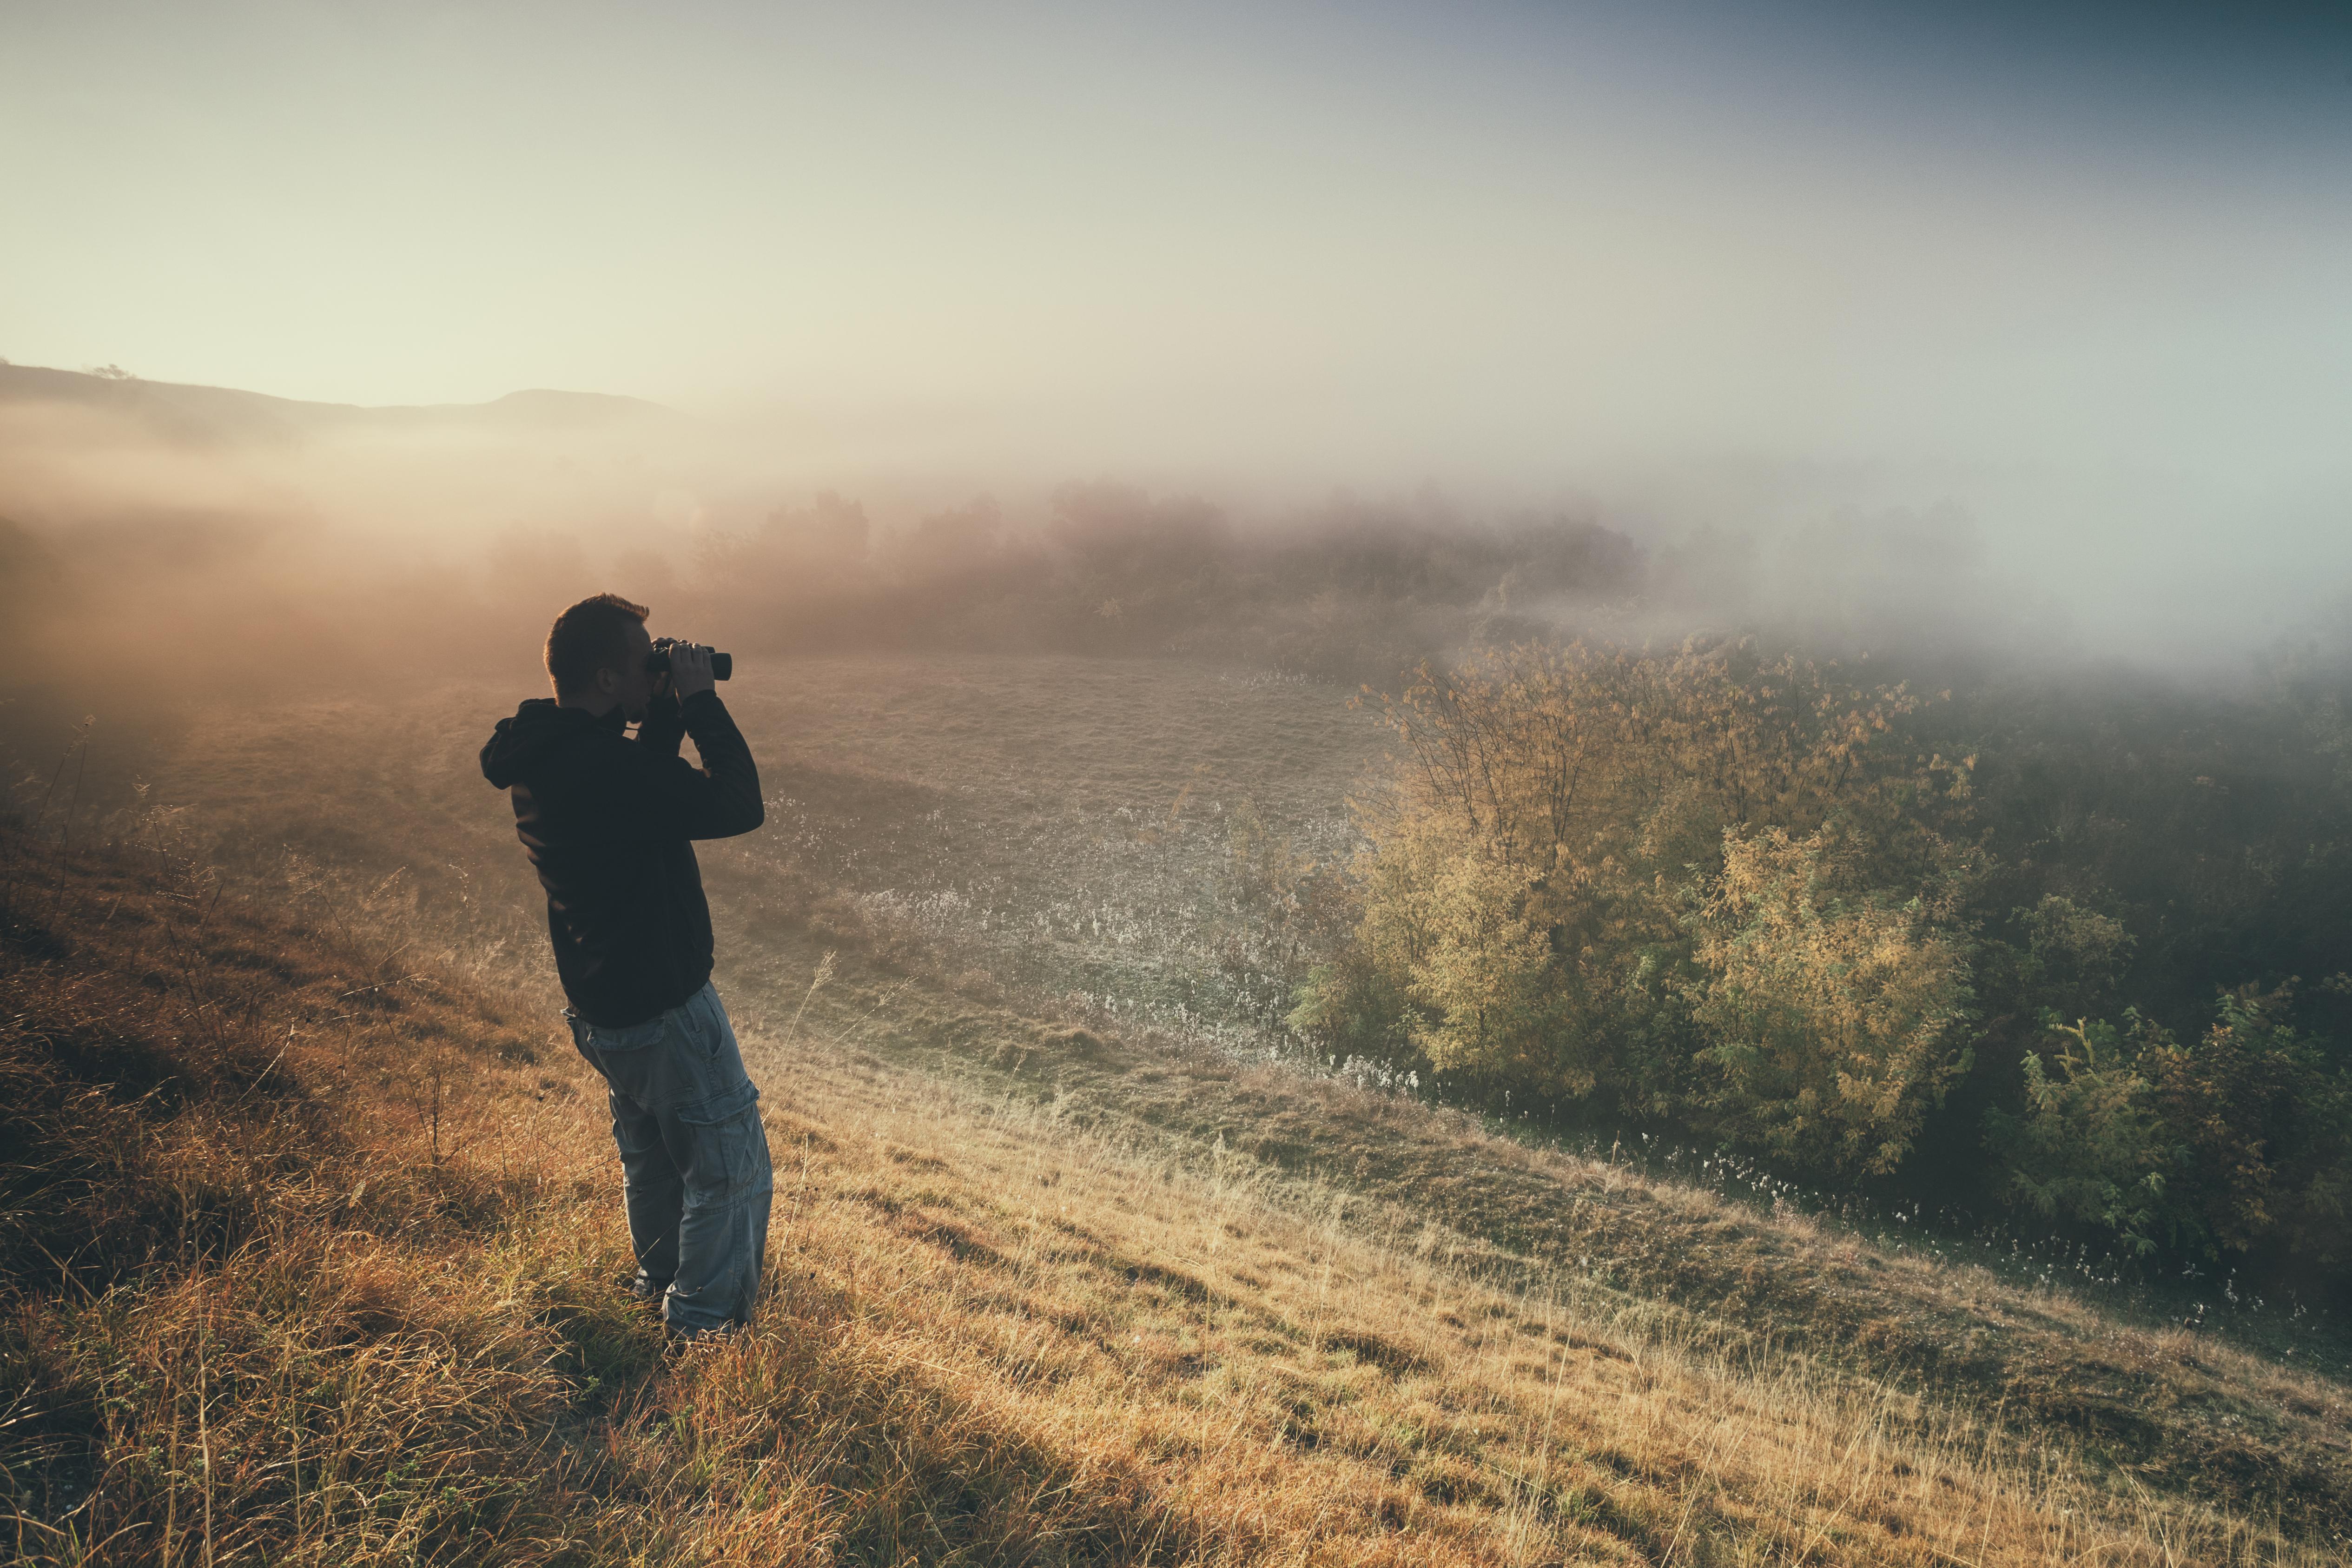 Mladen Mitrinovic by Shutterstock, väärinkäytösten estäminen, mies katsoo maisemaa kiikareilla